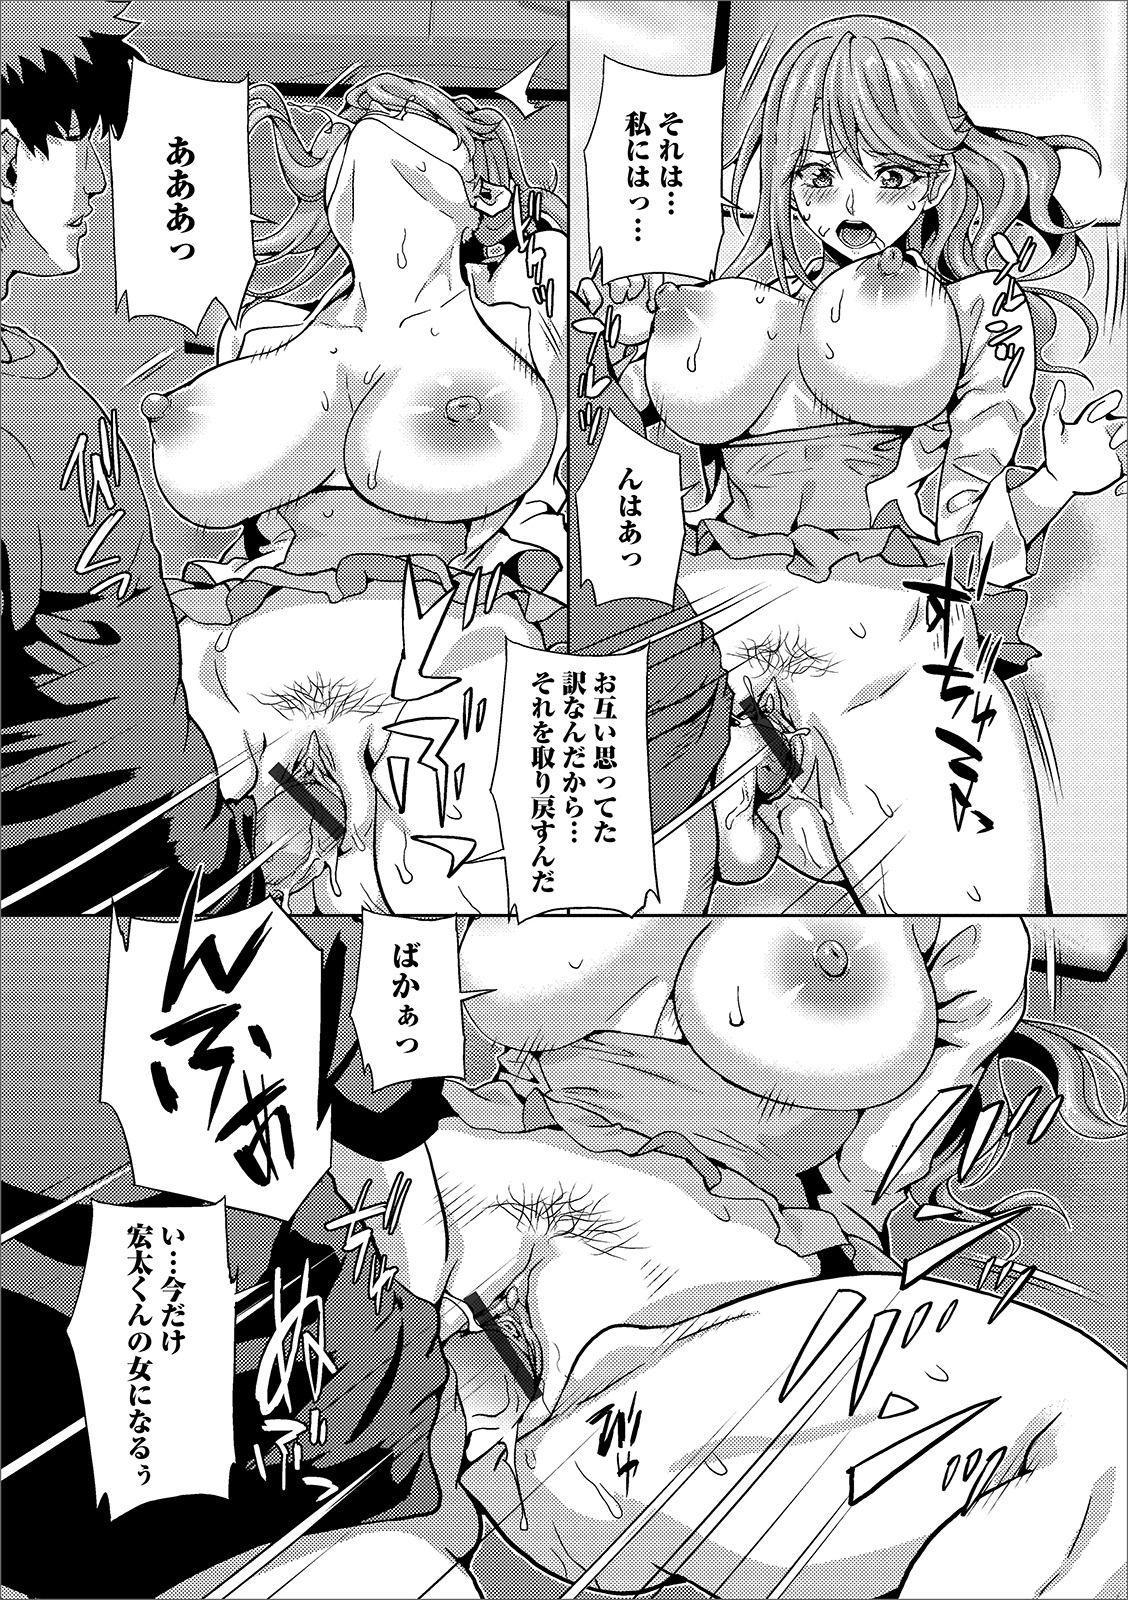 Web Haishin Gekkan Tonari no Kininaru Oku-san Vol. 033 39